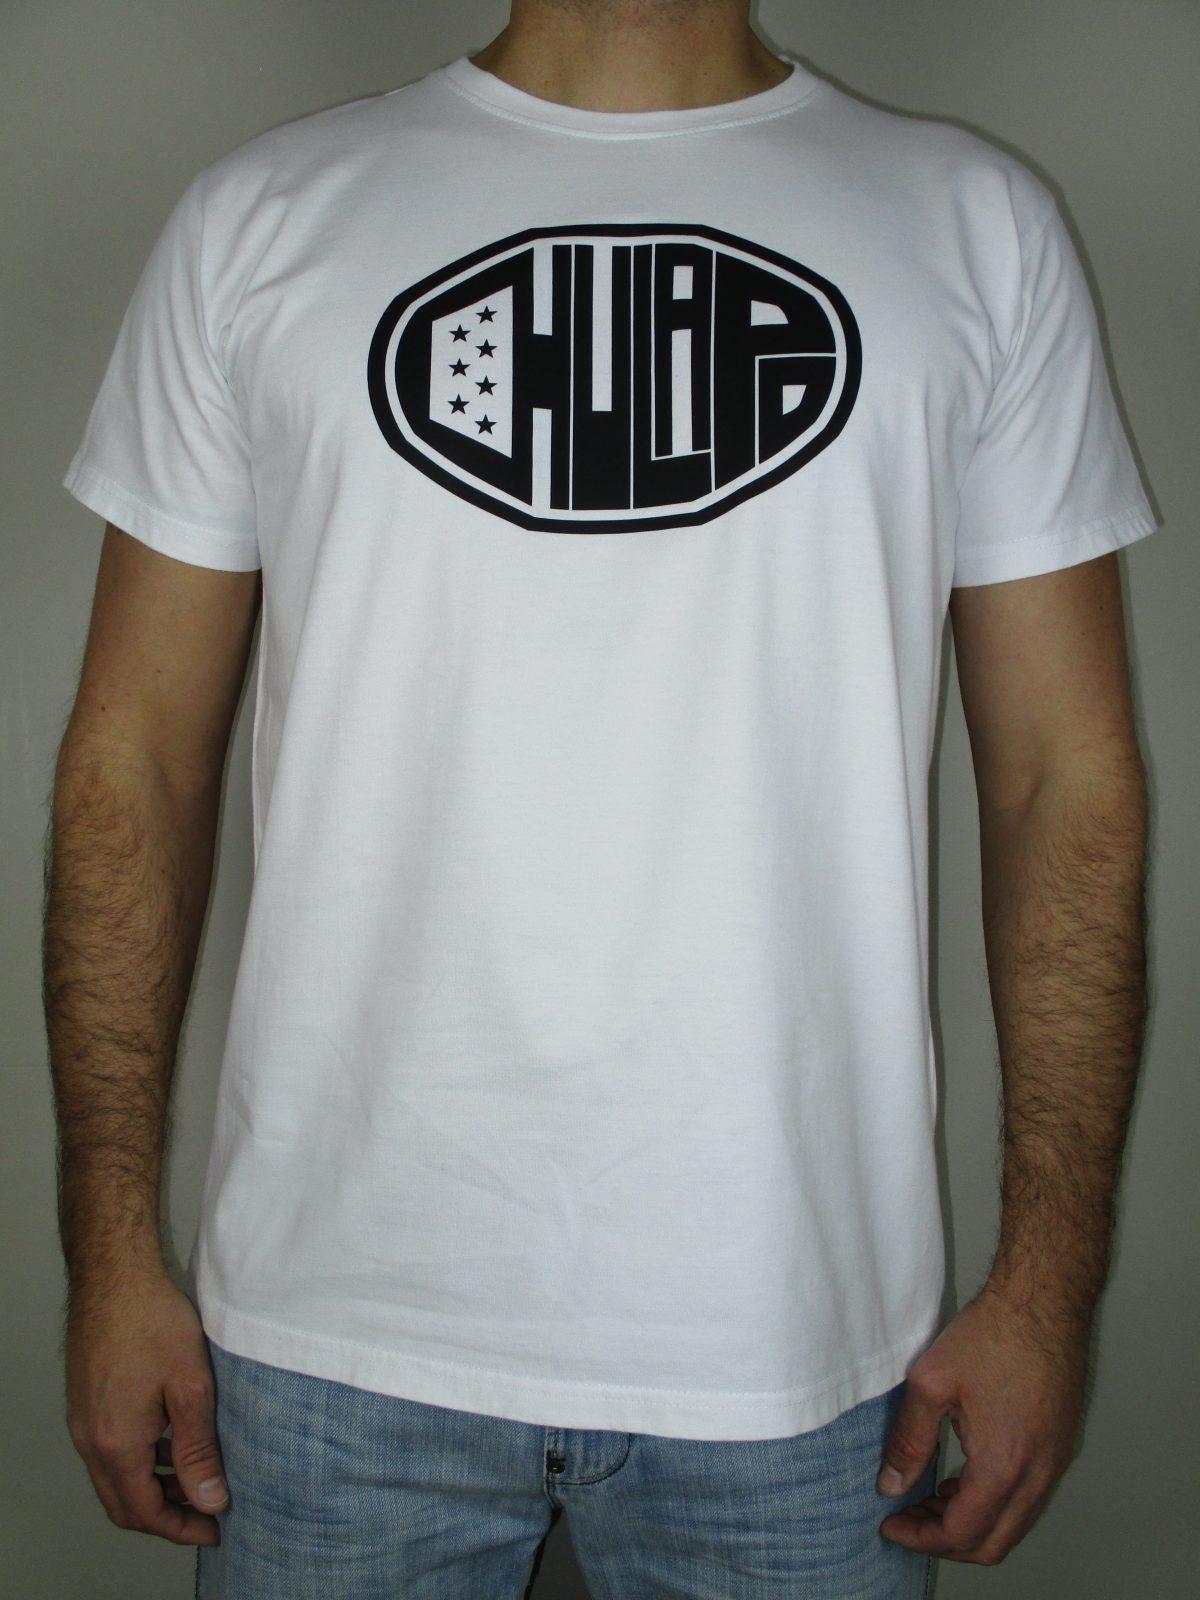 Chulapo hecho en España Calidad Madrid madrileño Camiseta con identidad